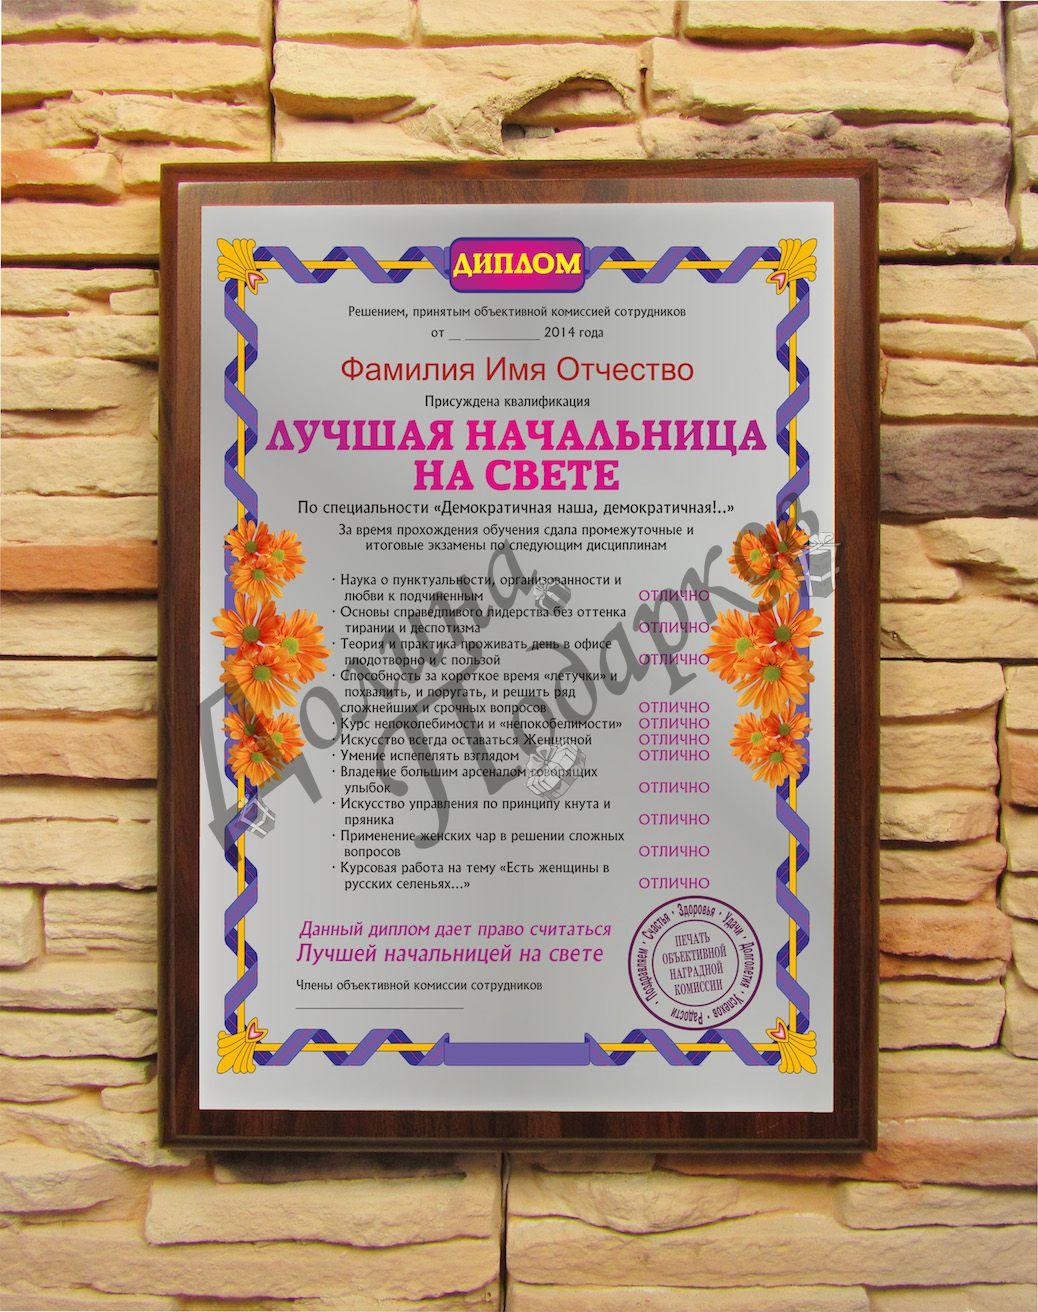 Подарочный диплом (плакетка) *Лучшая начальница на свете*